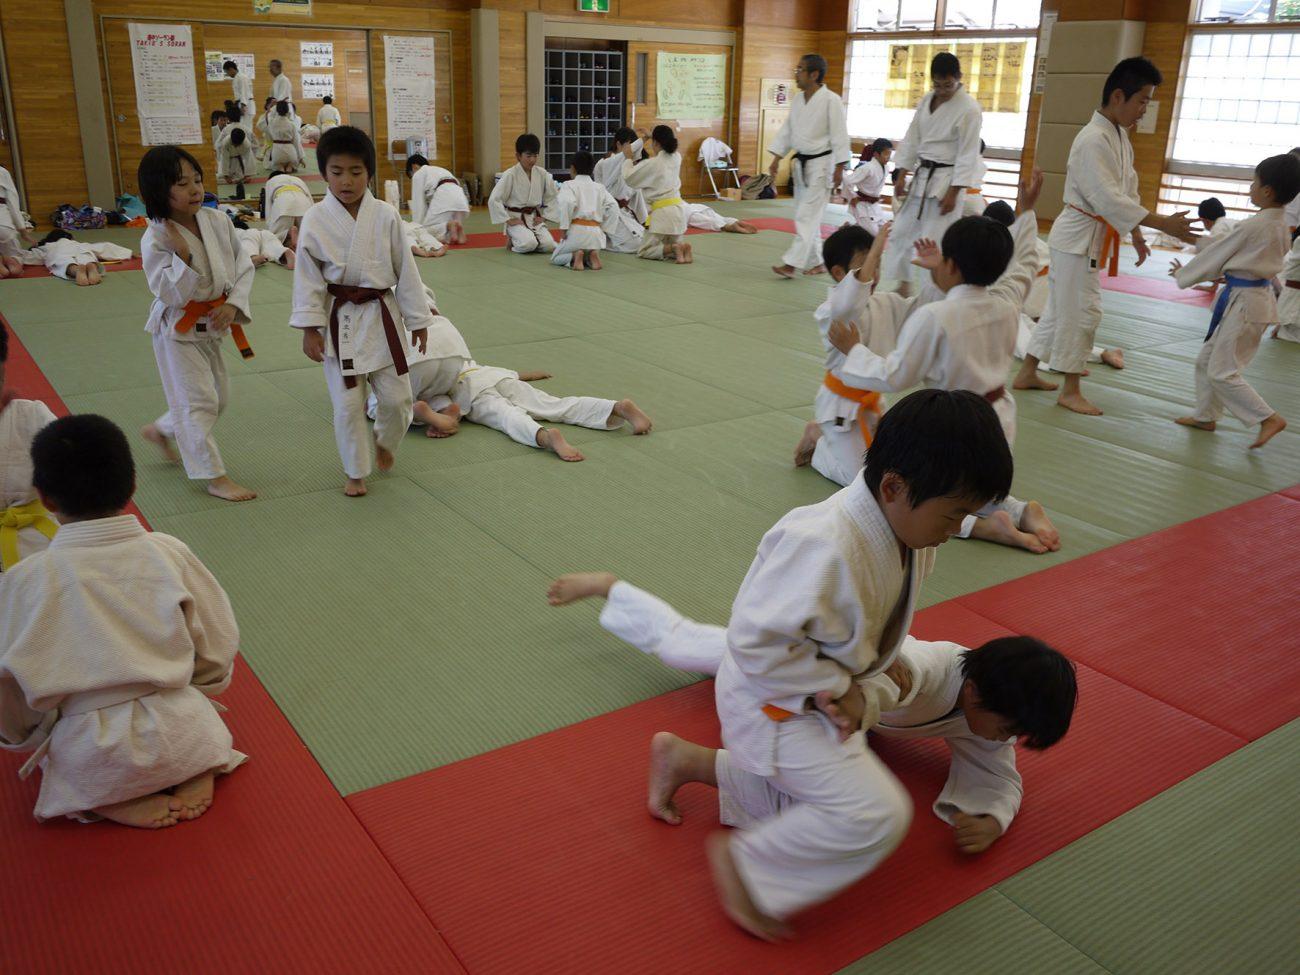 Varios niños practicando Aikido, un ejercicio ideal para mujeres y niños.